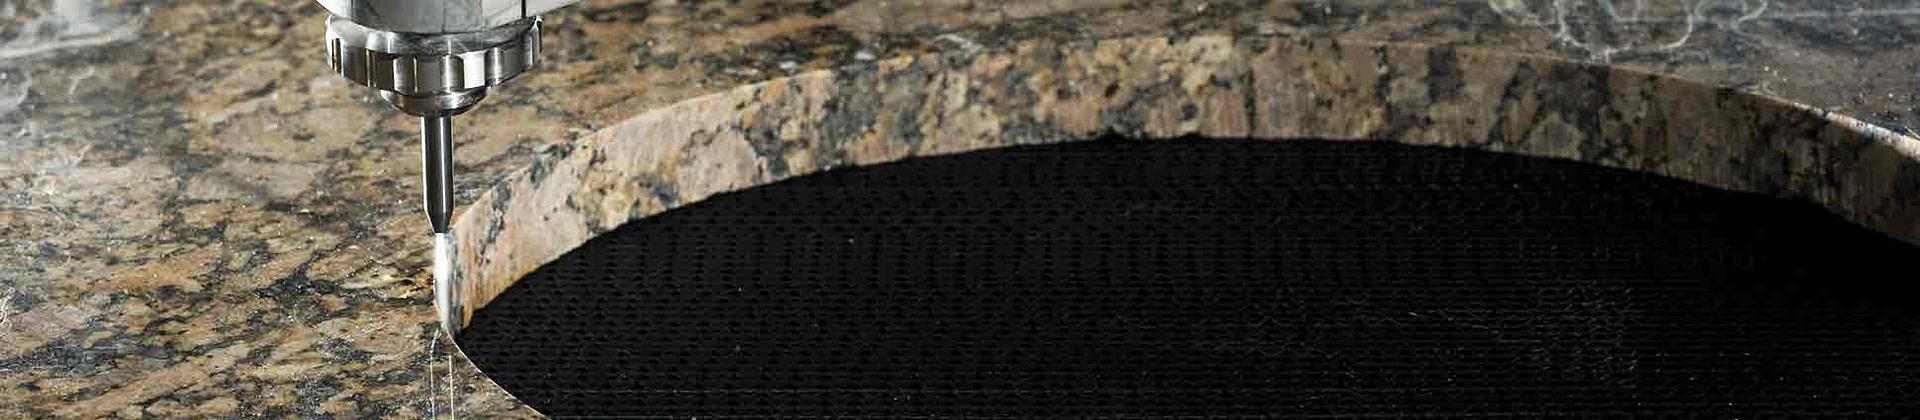 Рязане на камък и плочки с водна струя